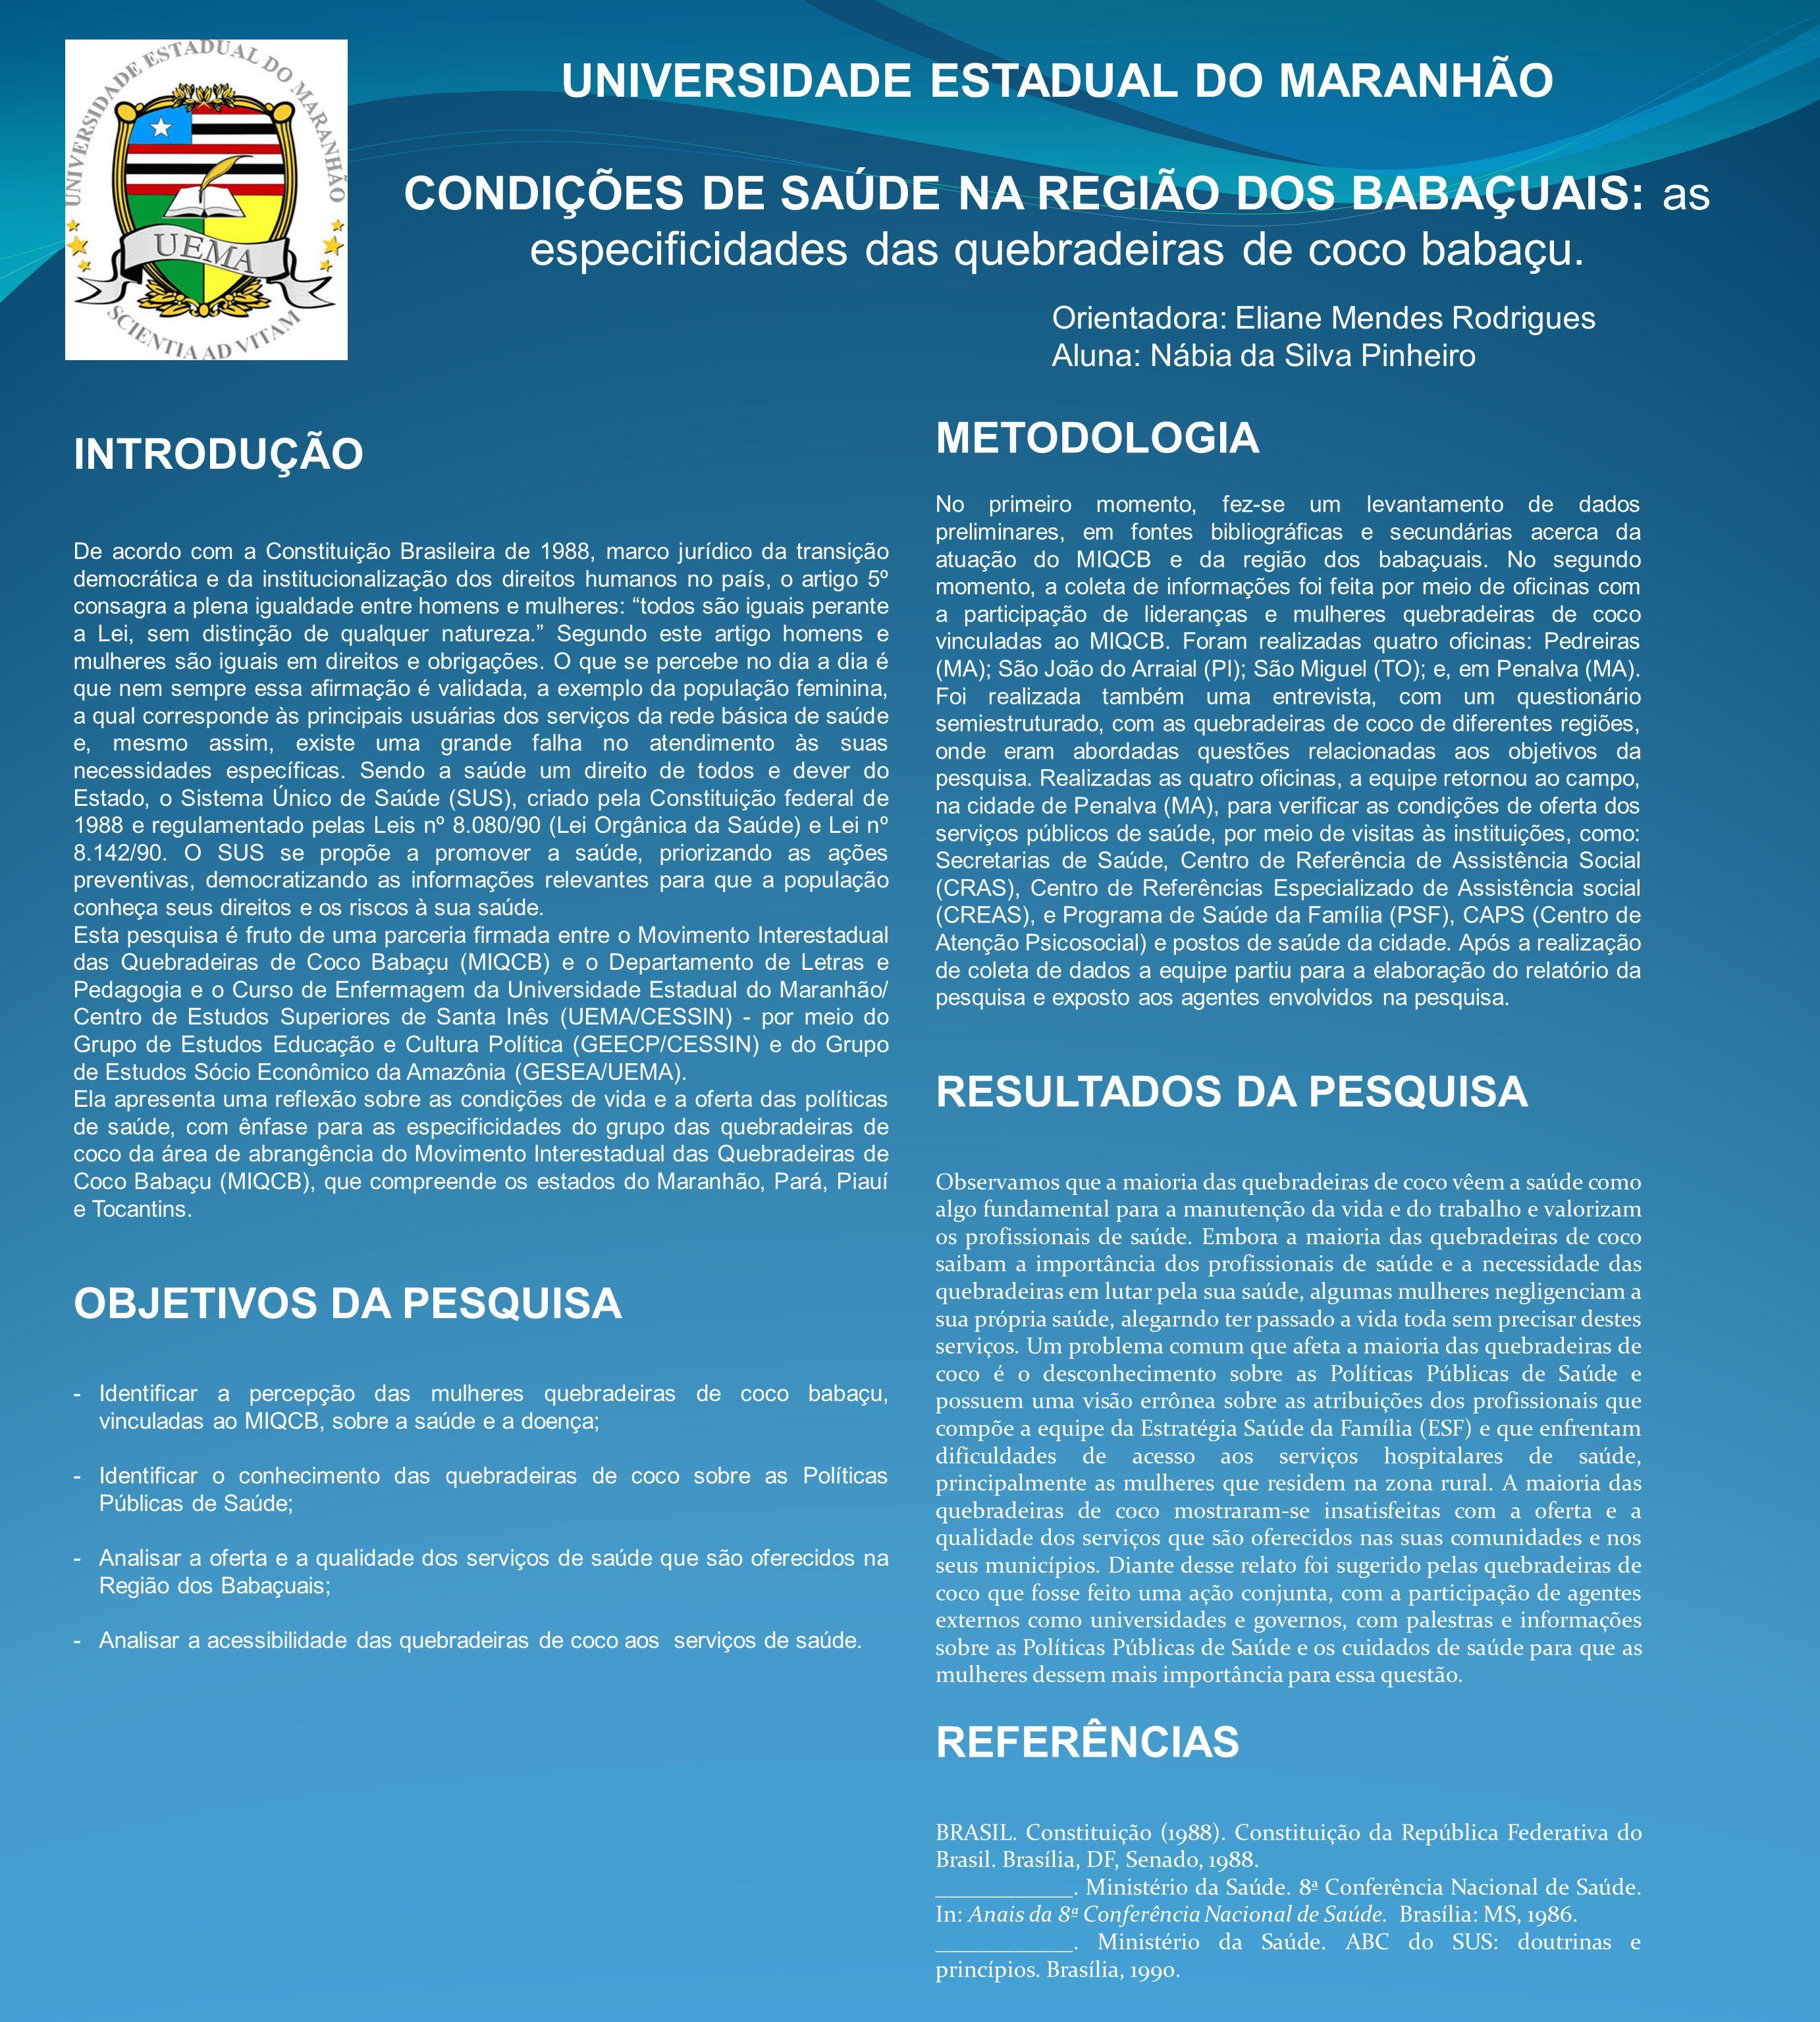 UNIVERSIDADE ESTADUAL DO MARANHÃO CONDIÇÕES DE SAÚDE NA REGIÃO DOS BABAÇUAIS: as especificidades das quebradeiras de coco babaçu. Orientadora: Eliane